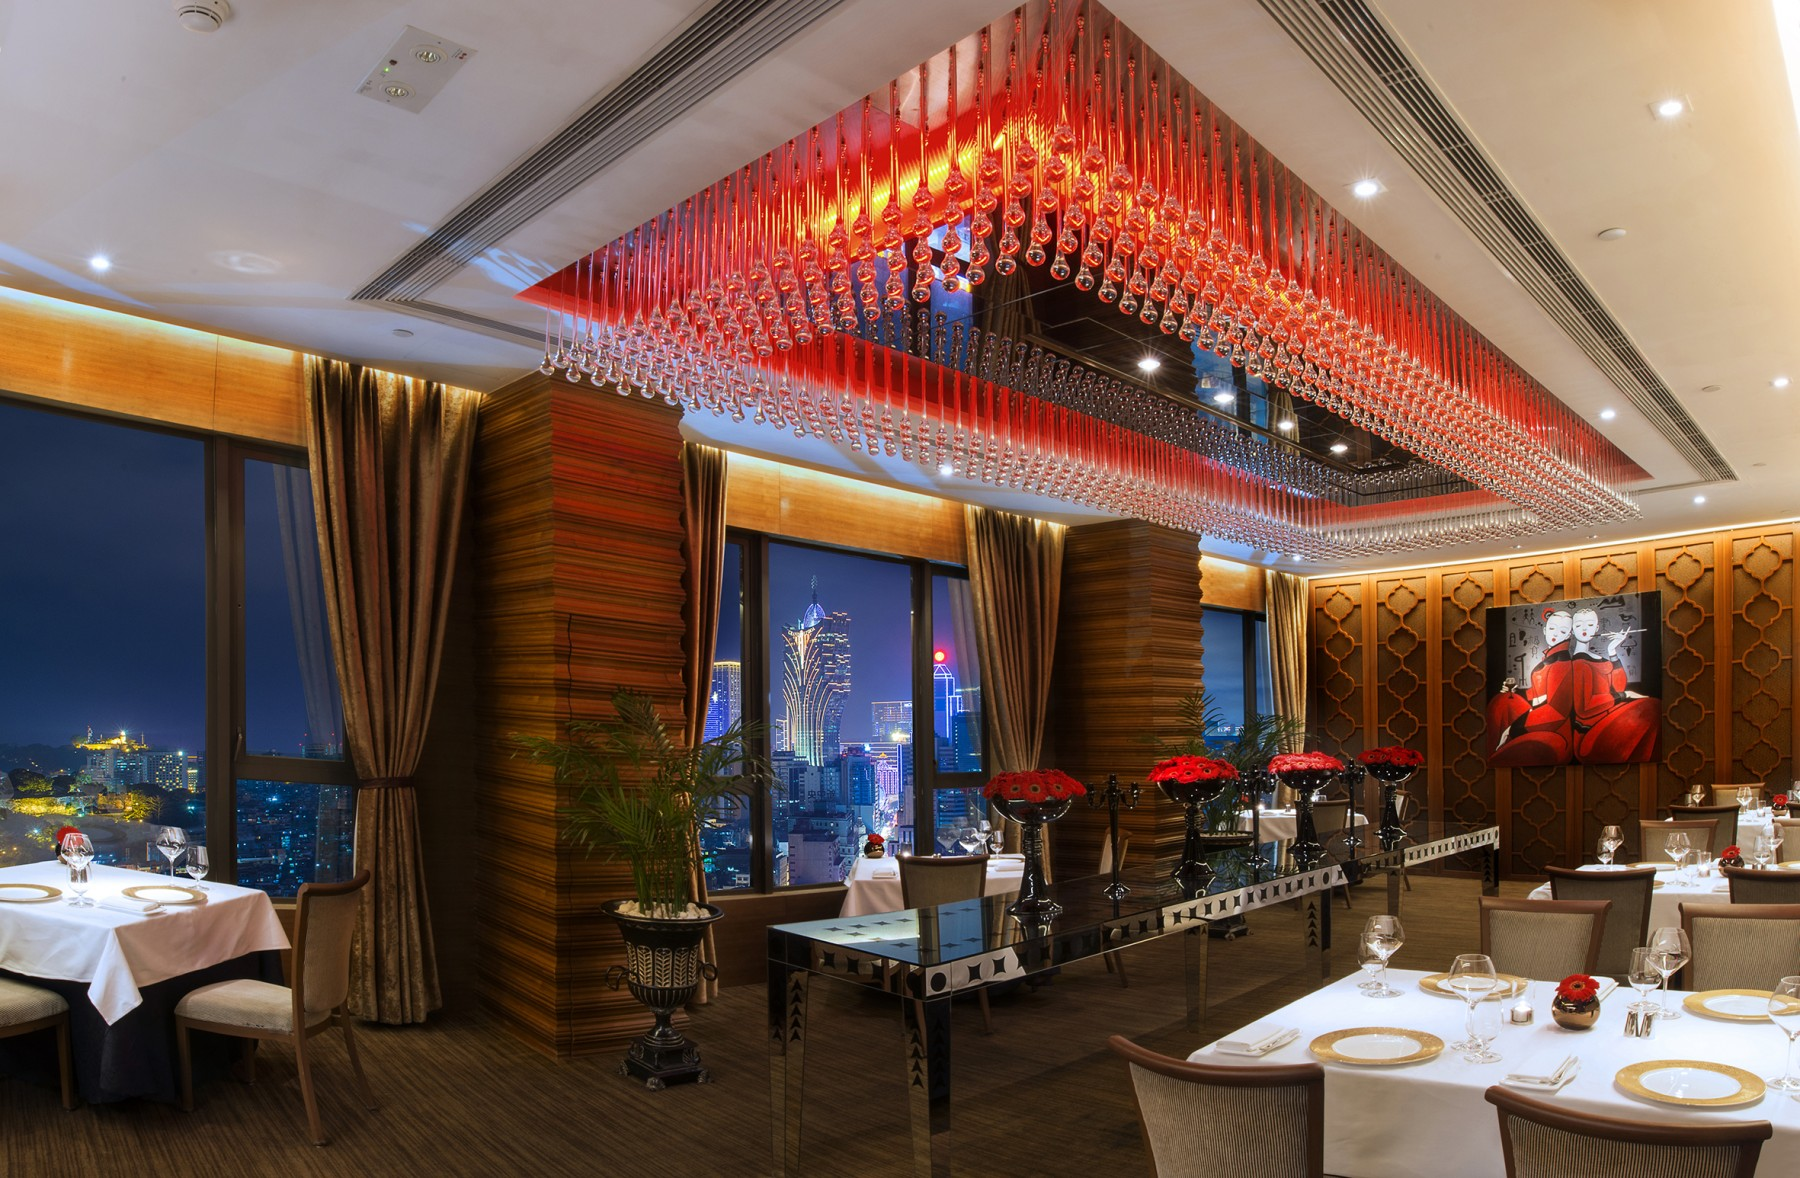 The Tasting Room Macau Dinner Menu